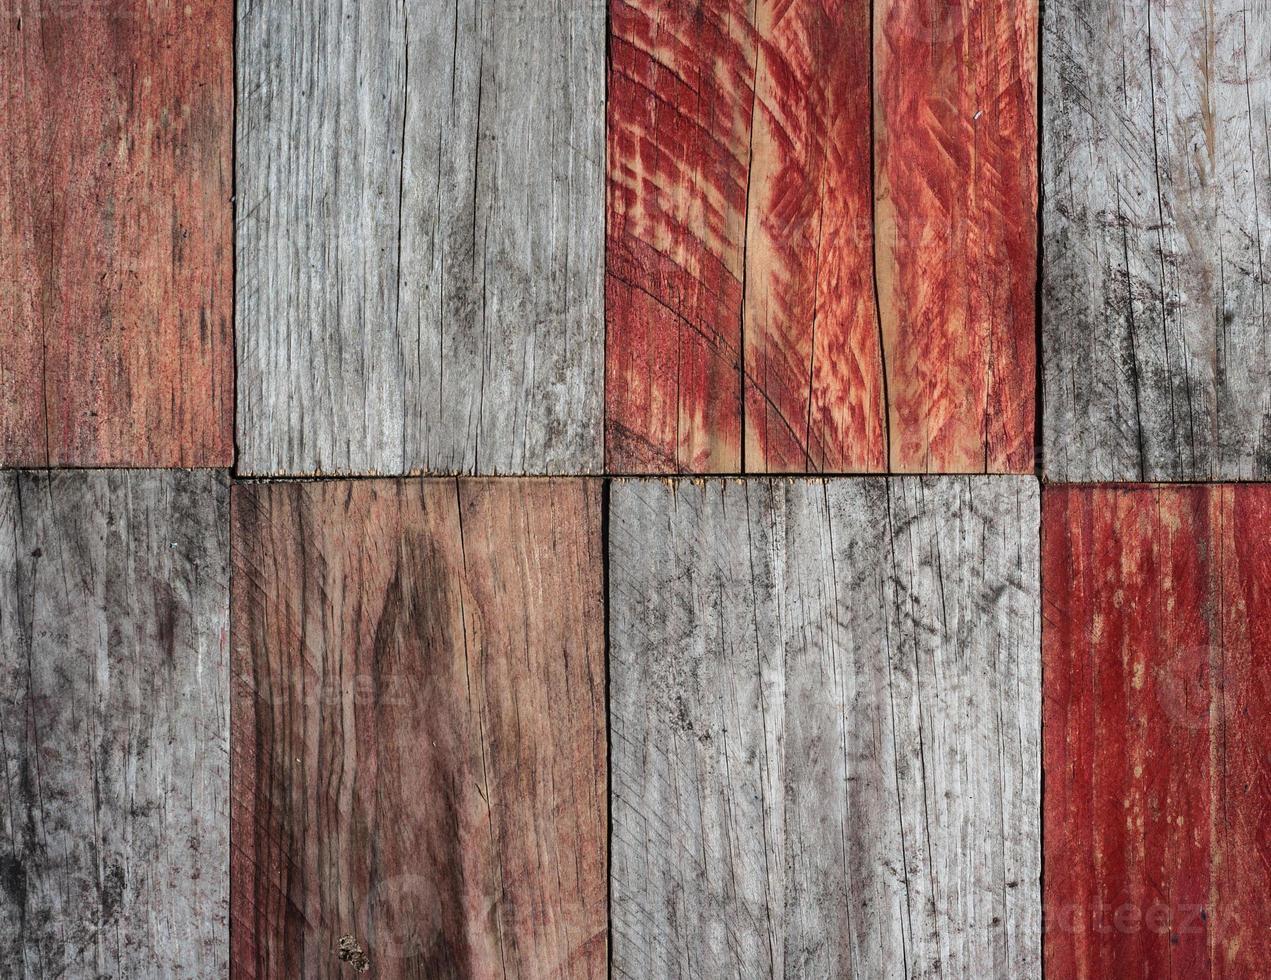 fond de planches de bois texture grunge photo